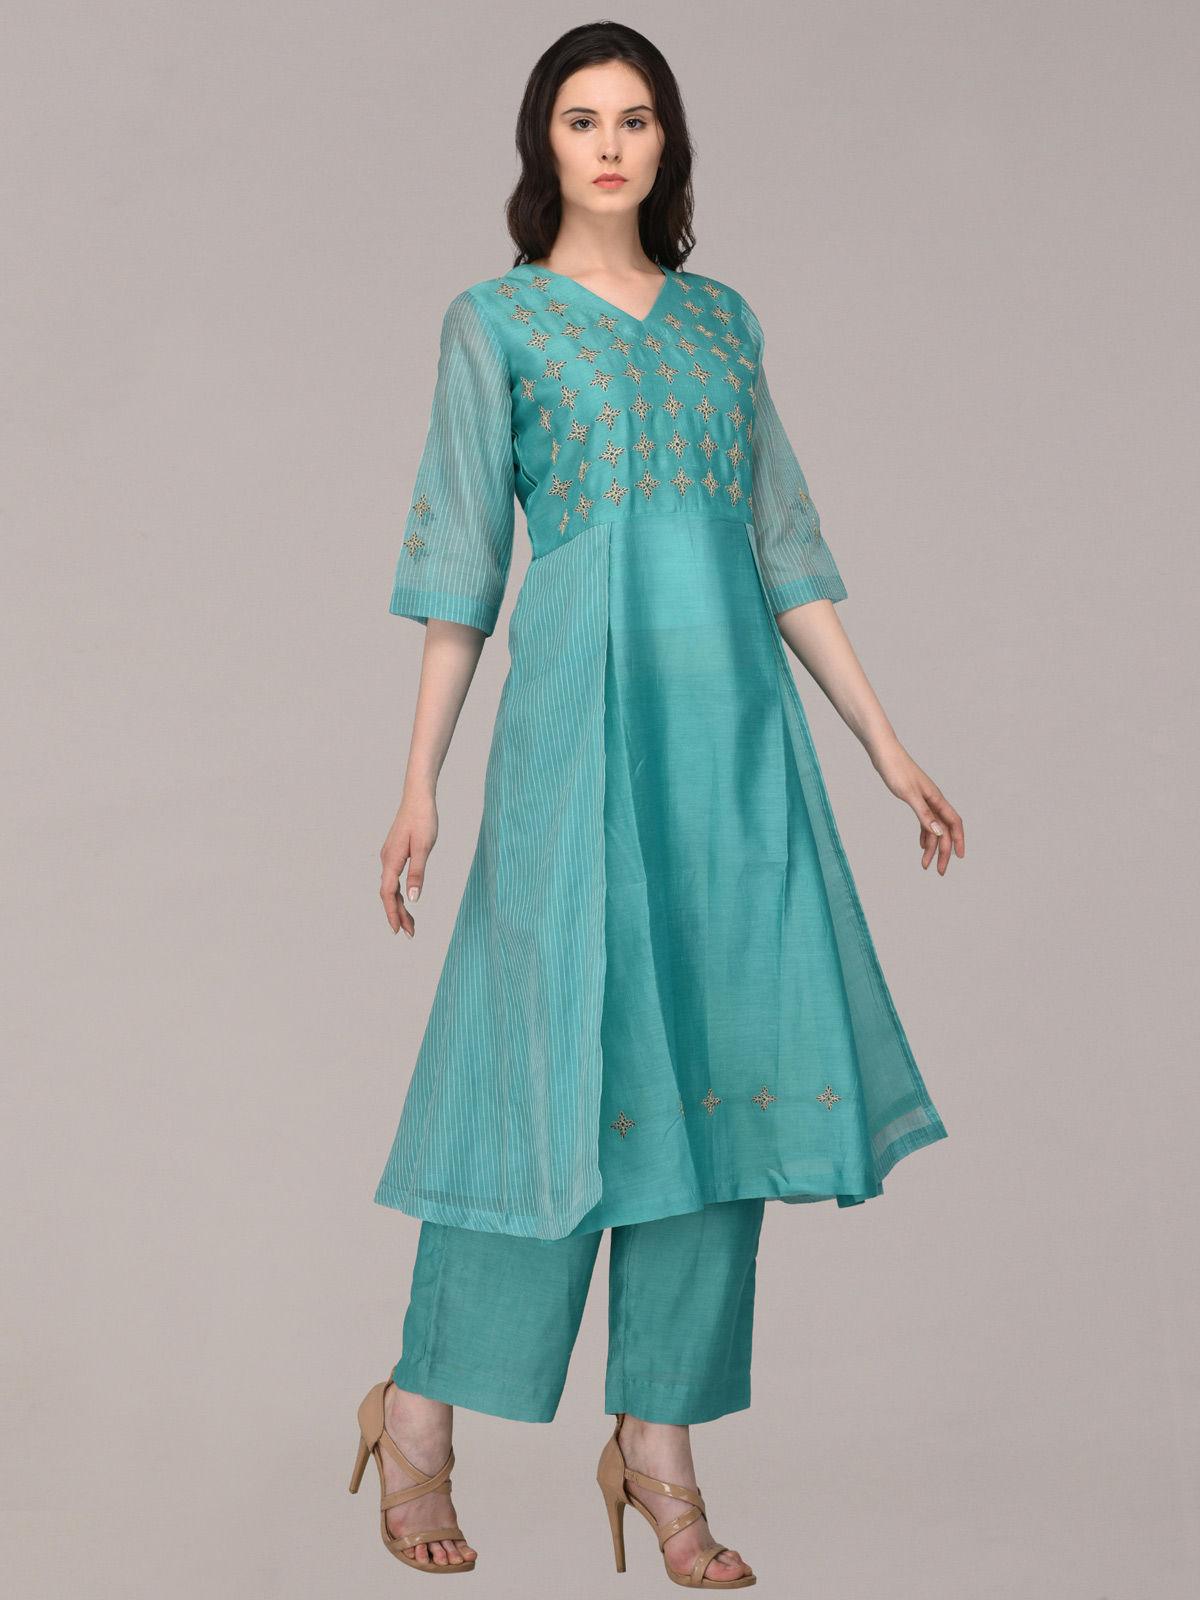 Maheshwari Embroided Turquoise set of 2